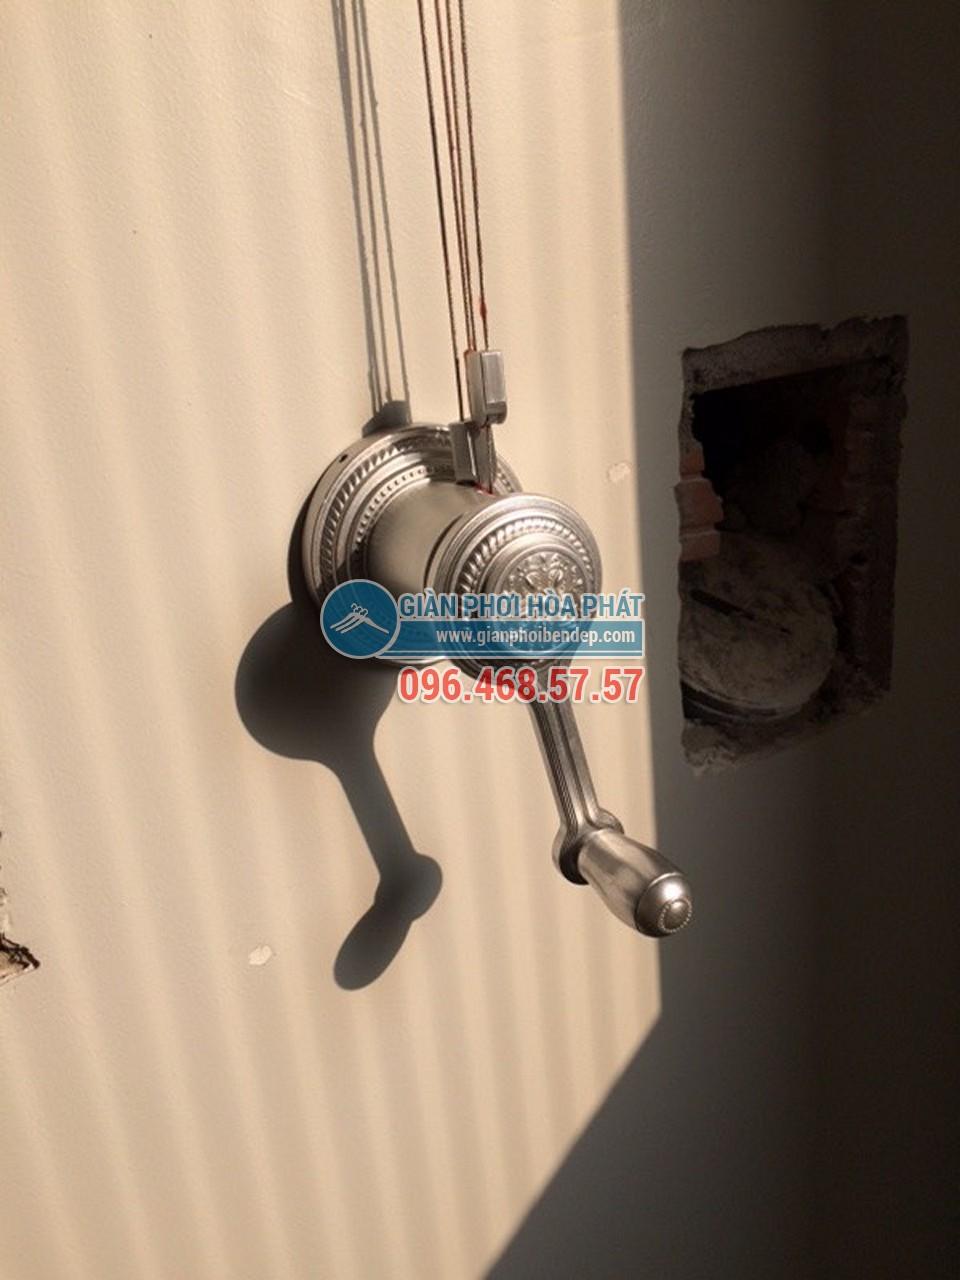 Lắp đặt giàn phơi thông minh cho ban công chung cư nhà chị Hà, tòa Linh Đàm HH2 - 01